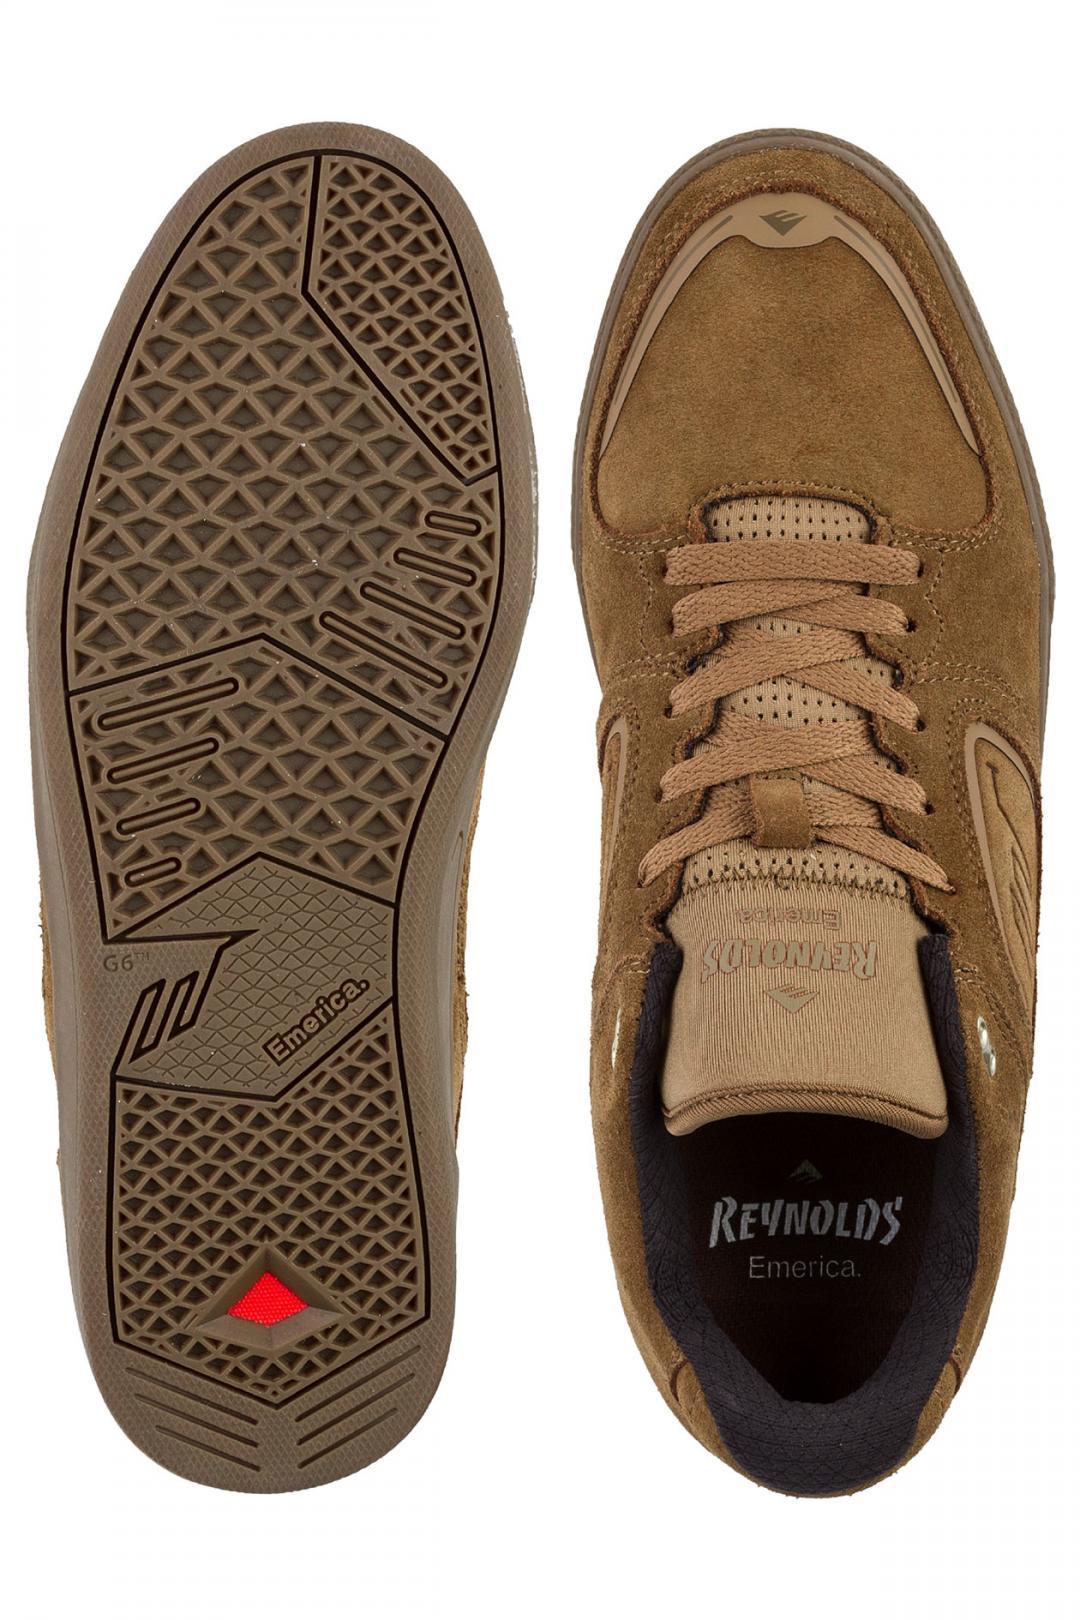 Uomo Emerica Reynolds G6 brown gum | Sneakers low top